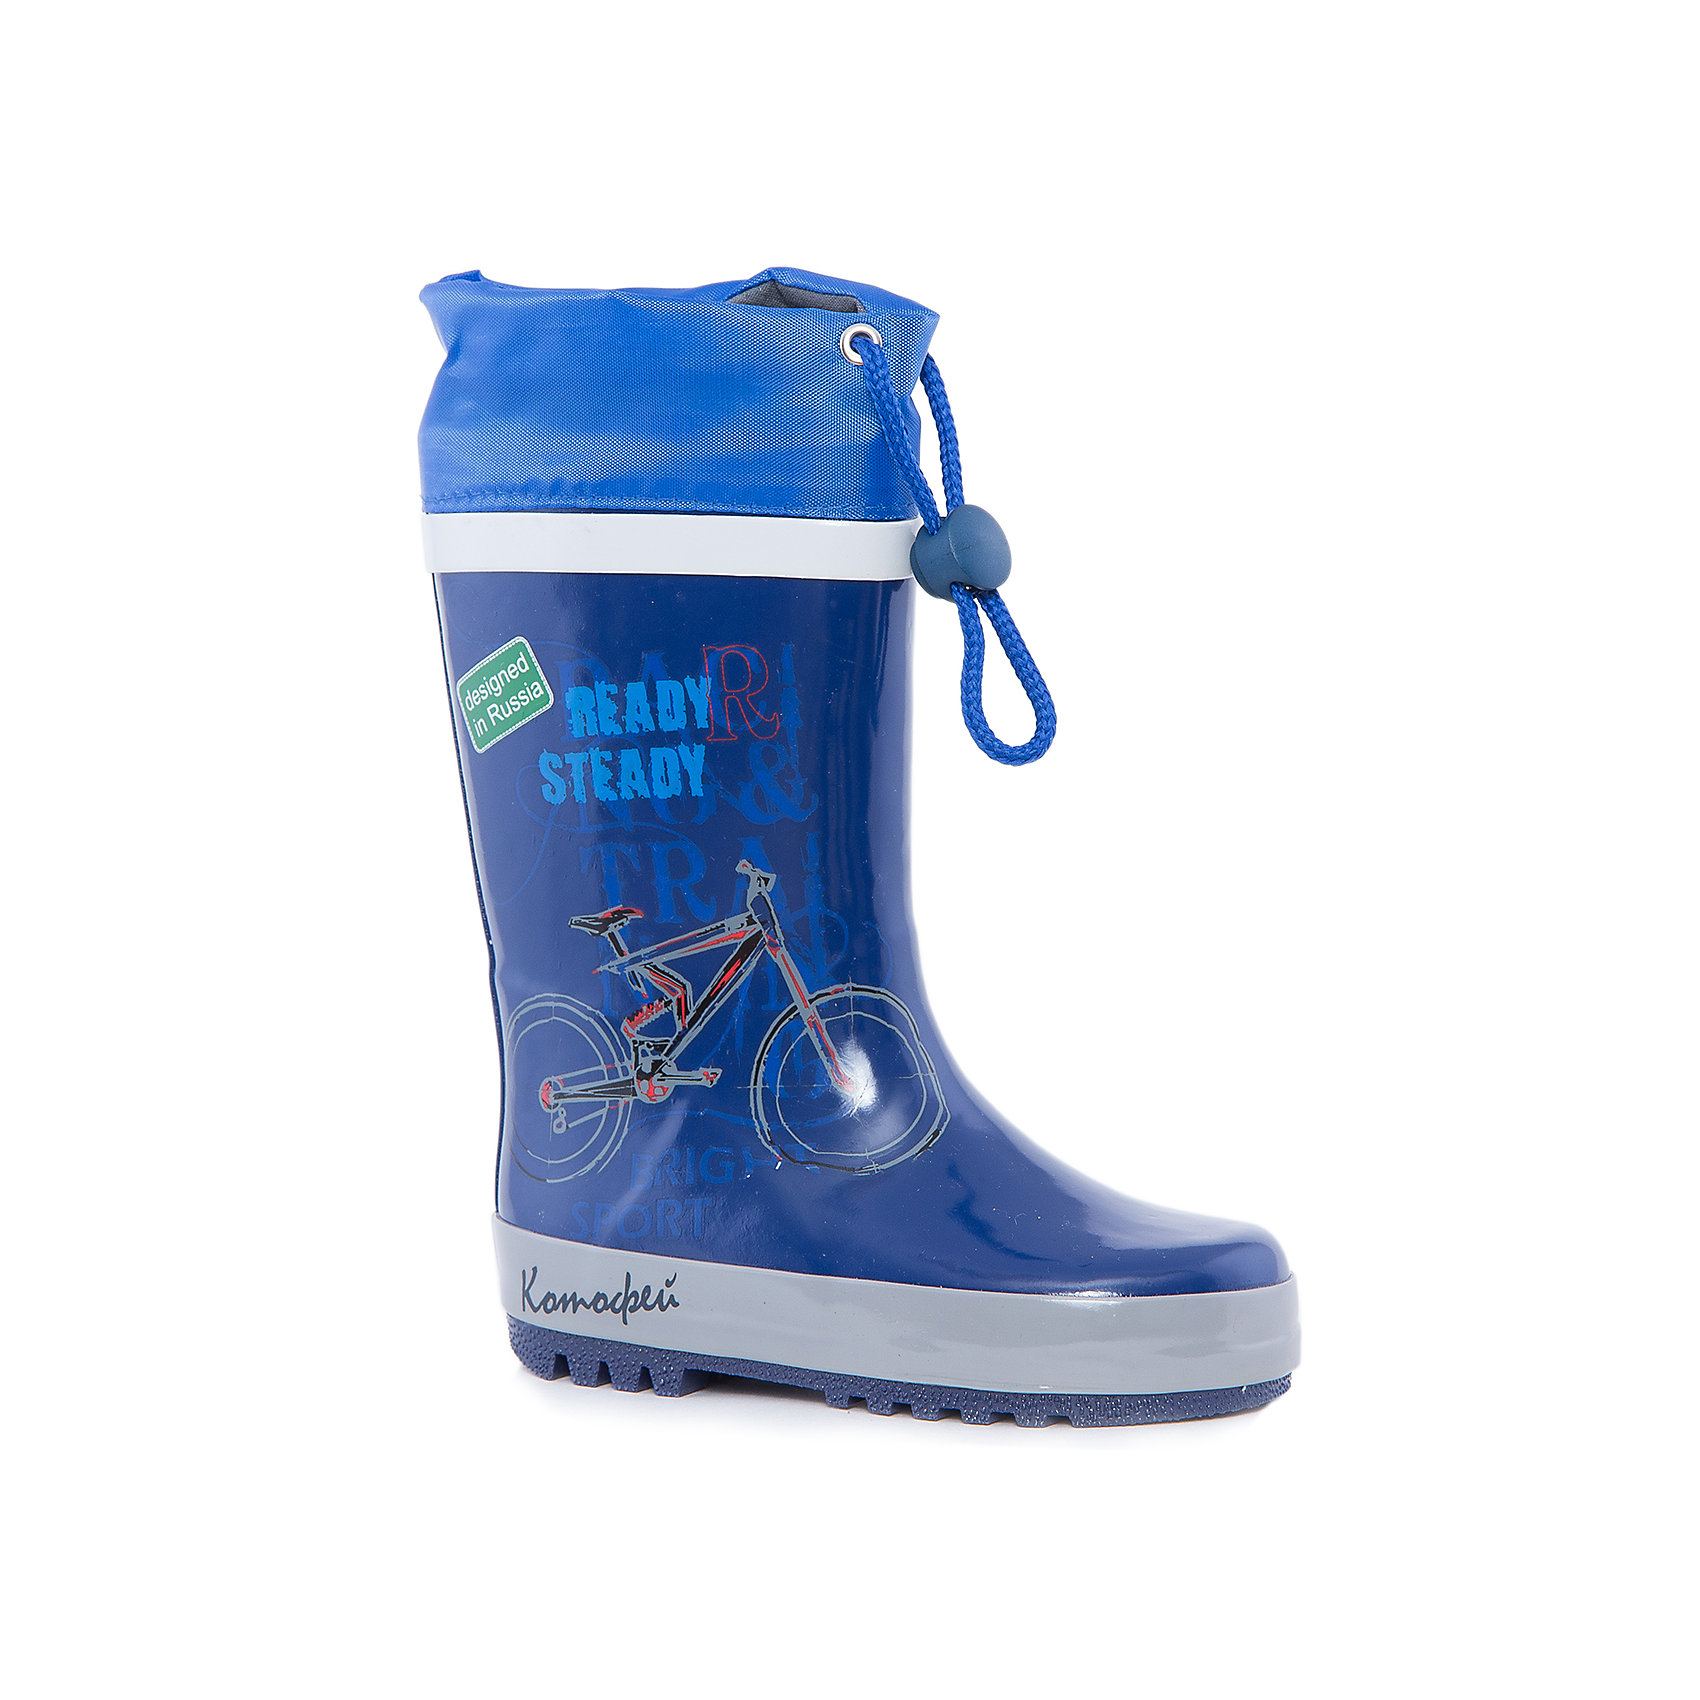 Резиновые сапоги  для мальчика КотофейРезиновые сапоги<br>Котофей – качественная и стильная детская обувь по доступным ценам. С каждым днем популярность бренда растет.  Резиновые сапожки – незаменимая вещь для осенней погоды. Теперь маленький непоседа может изучать лужи без риска промочить ножки и простудиться. Милый, современный дизайн оценят все юные модники. Яркие цвета сочетаются с любой одеждой, что позволяет создать множество стильных образов.<br><br>Дополнительная информация:<br><br>цвет: сине-серый;<br>вид крепления: литьевой;<br>застежка: шнур с фиксатором;<br>температурный режим: от 0° С до +15° С.<br><br>Состав:<br>материал верха – резина;<br>материал подклада - текстиль;<br>подошва - плотная резина.<br><br>Малодетские резиновые сапоги для мальчика дошкольного возраста от фирмы  Котофей можно приобрести в нашем магазине.<br><br>Ширина мм: 257<br>Глубина мм: 180<br>Высота мм: 130<br>Вес г: 420<br>Цвет: серый/синий<br>Возраст от месяцев: 24<br>Возраст до месяцев: 24<br>Пол: Мужской<br>Возраст: Детский<br>Размер: 28,29,24,25,26,27<br>SKU: 4982050